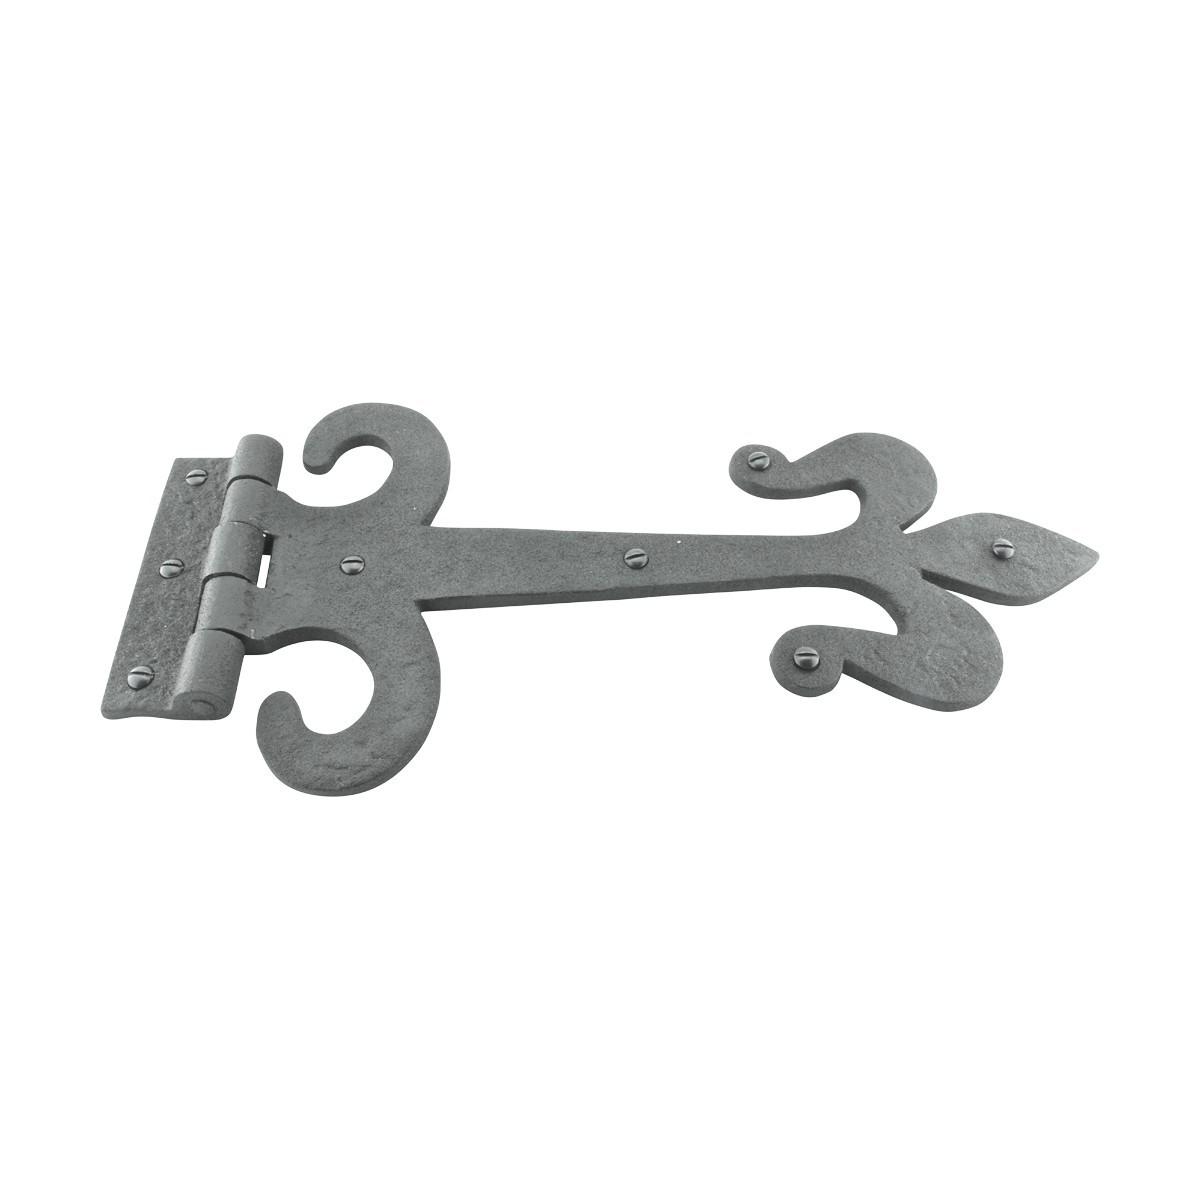 10 Door Hinge Black Wrought Iron Strap Fleur de Lis 12 Fleur de lis Door Hinge Wrought Iron Door Hinge Ornate Door Hinge